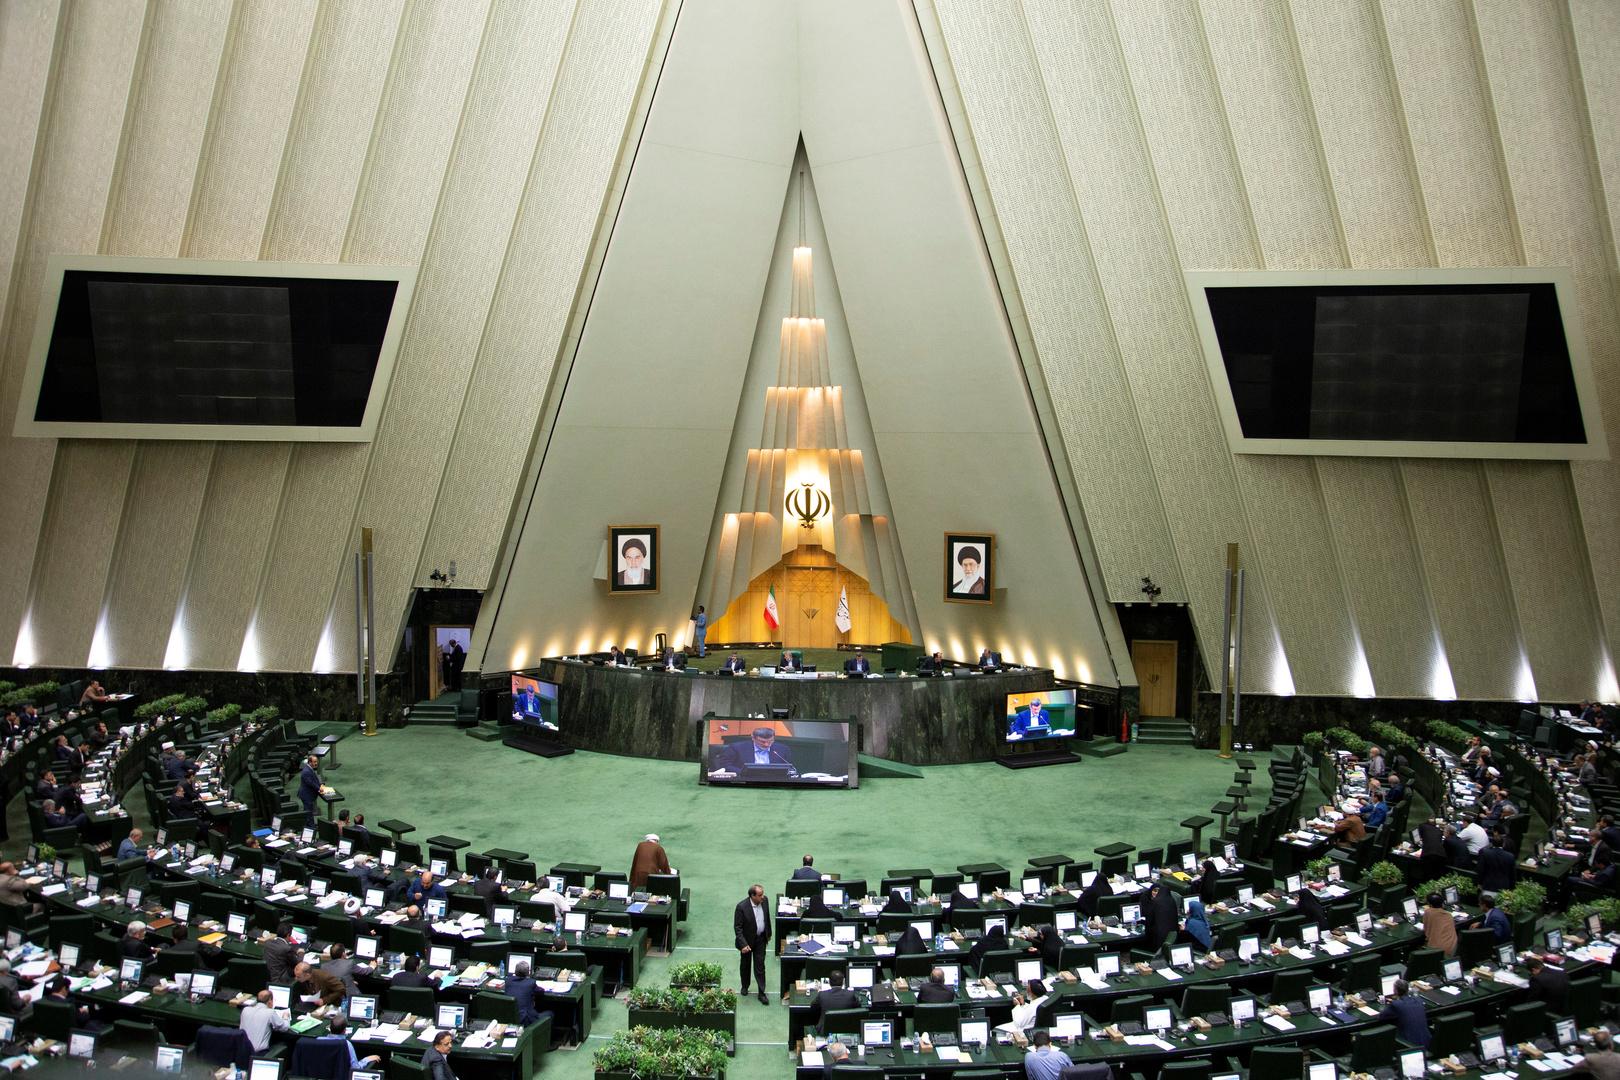 البرلمان الإيراني يبعث برسائل إلى رؤساء برلمانات العالم الإسلامي للعمل على التصدي لـ